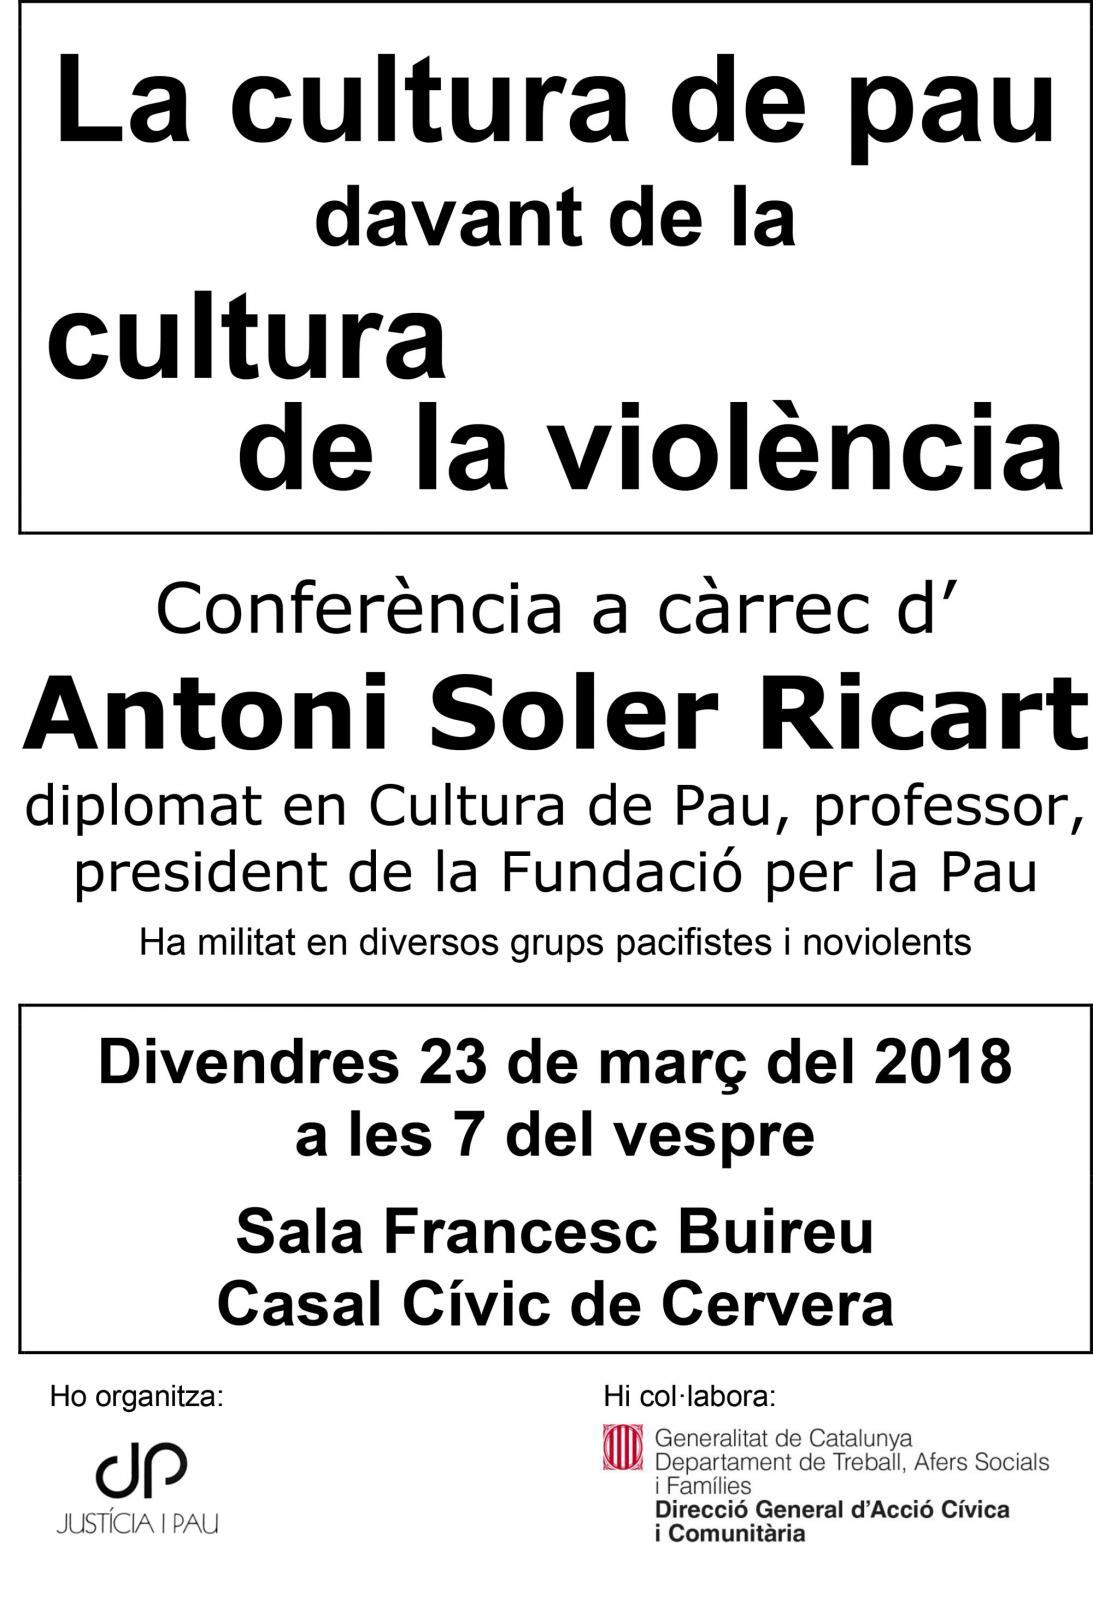 Conferència La cultura de pau davant de la cultura de la violència